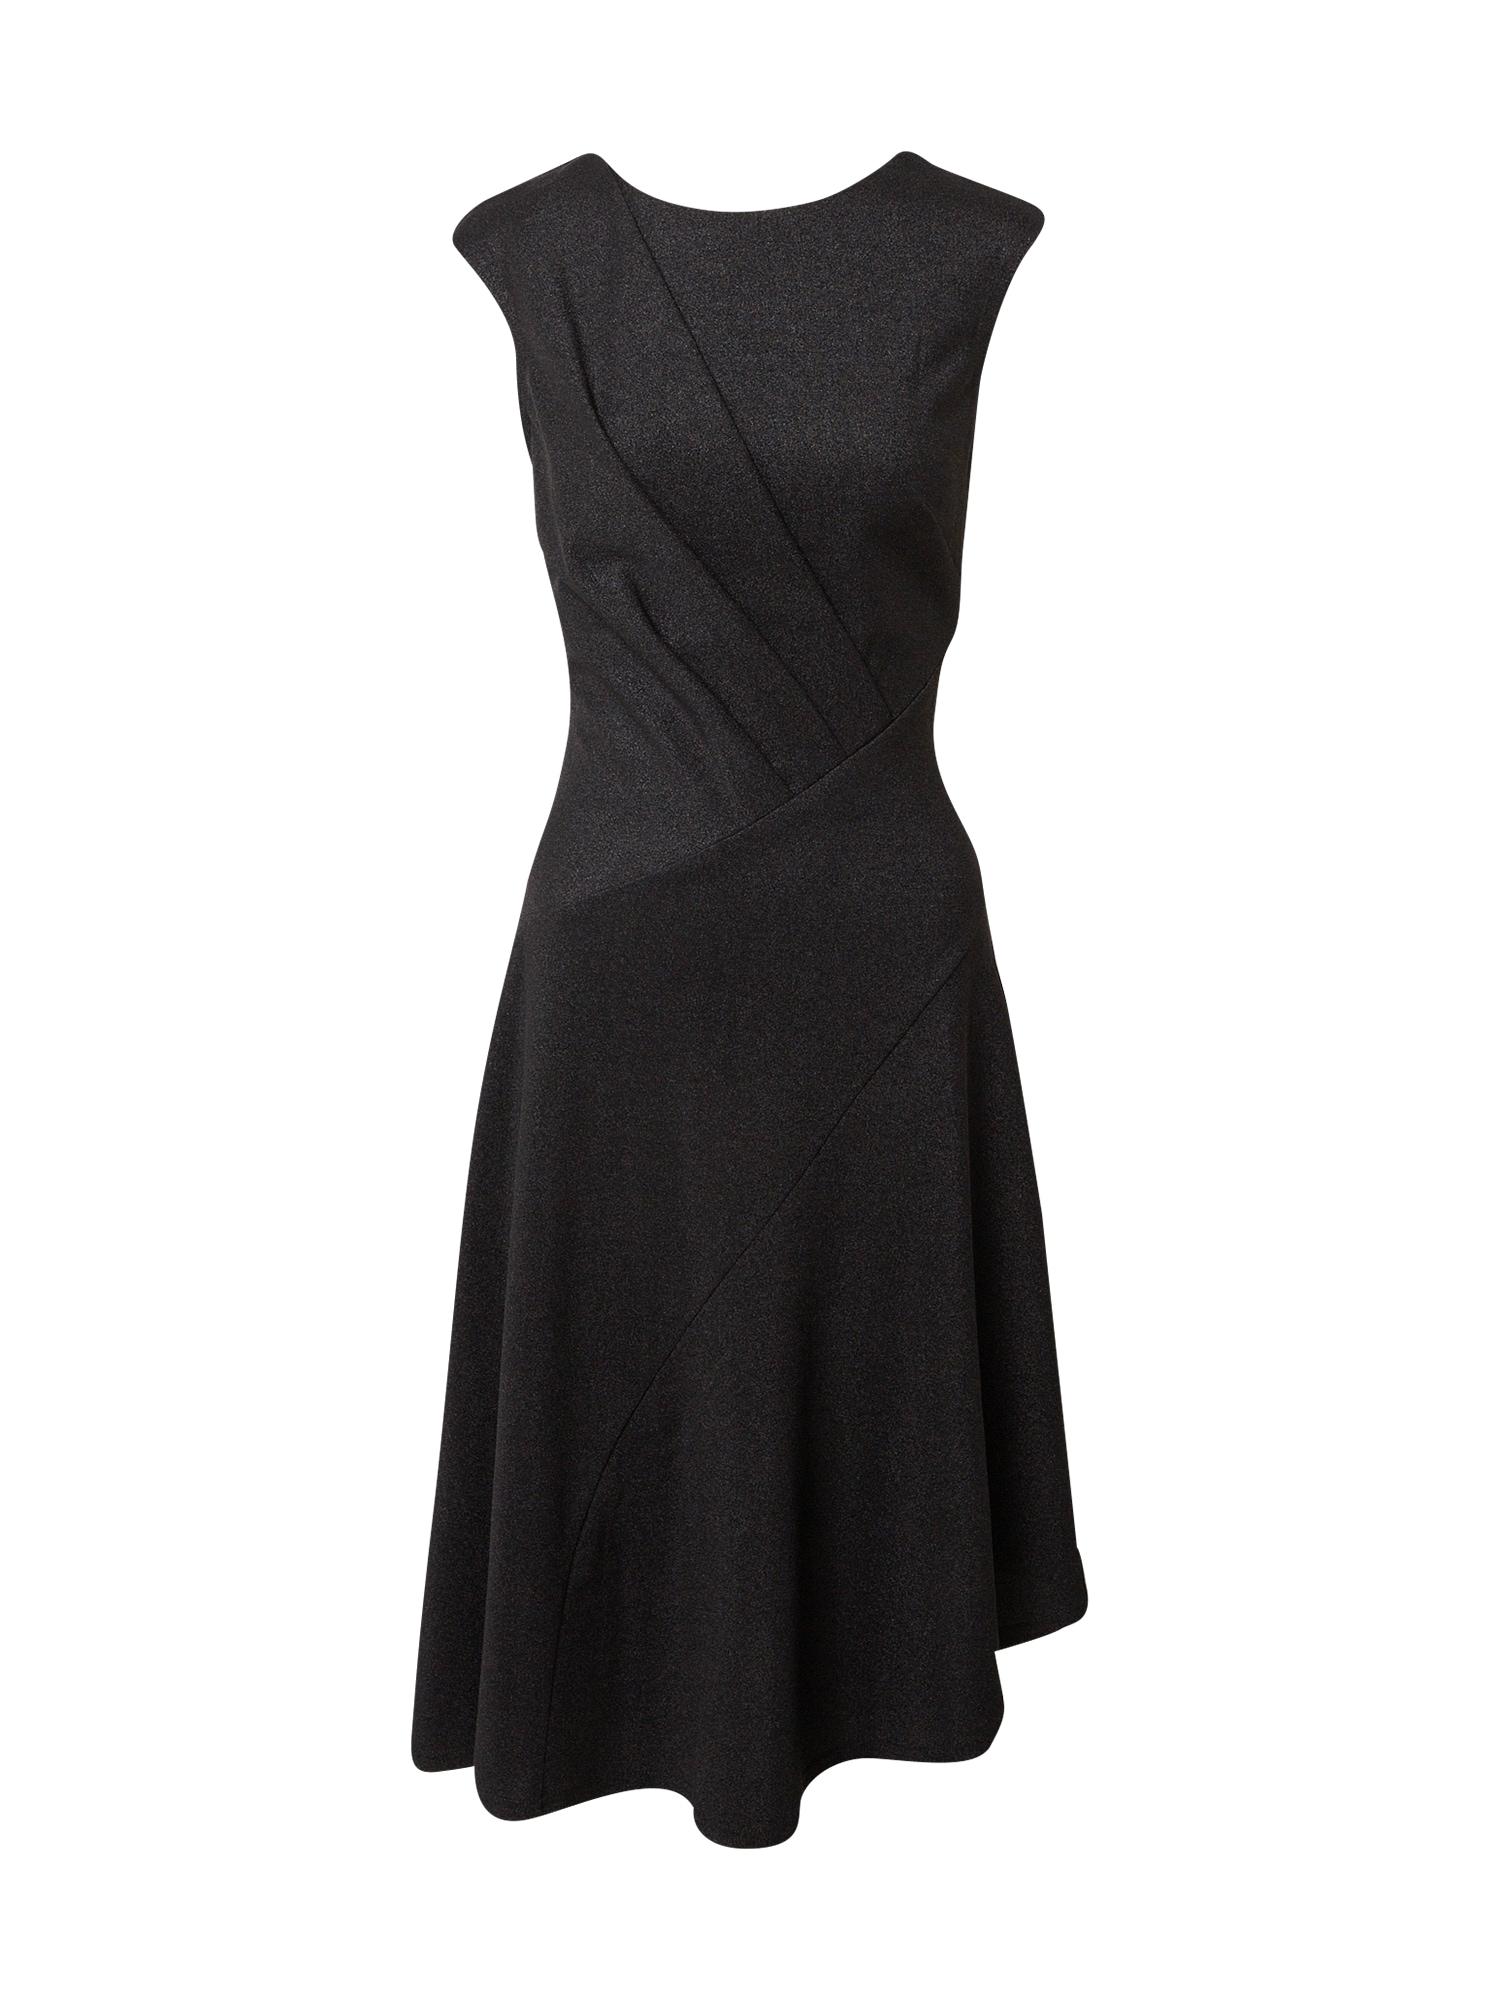 Closet London Kokteilinė suknelė margai juoda